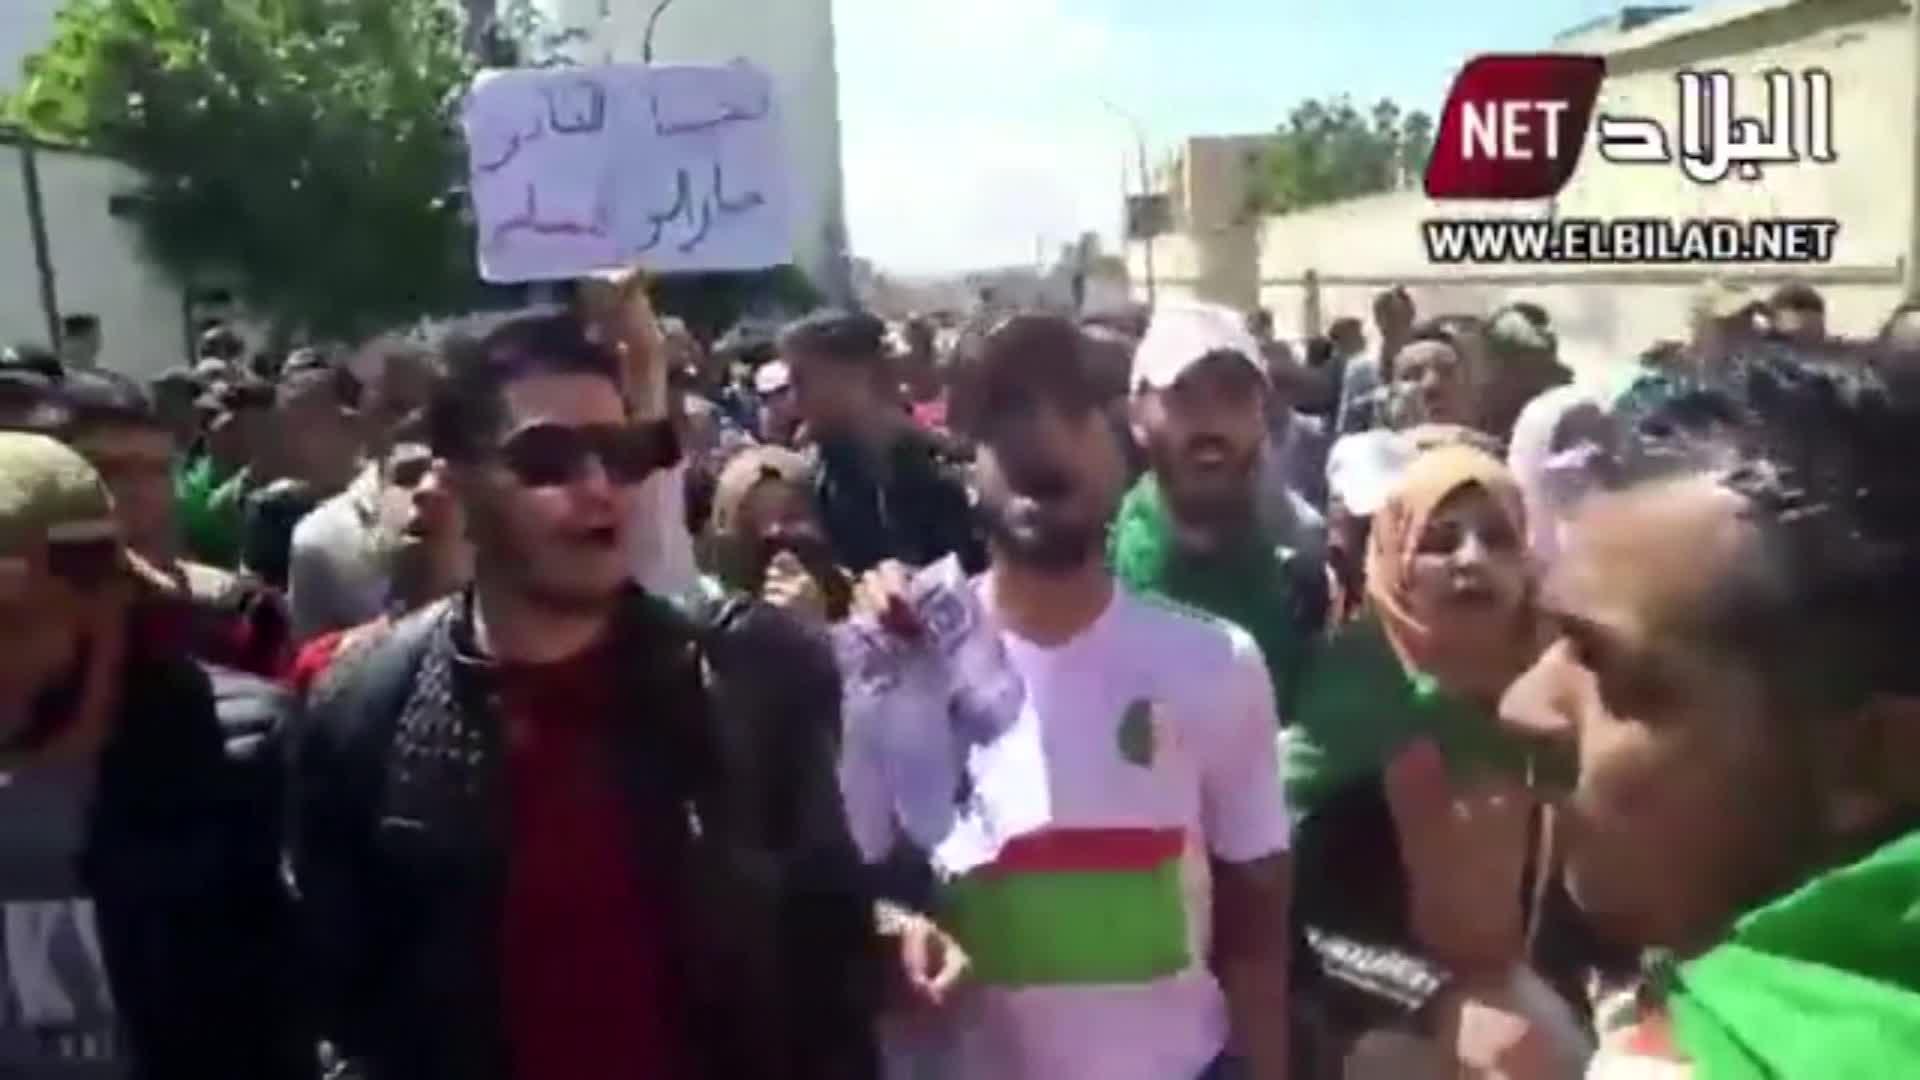 مظاهرات في الجزائر ضد الرئيس المؤقت عبد القادر بن صالح المعين حديثًا